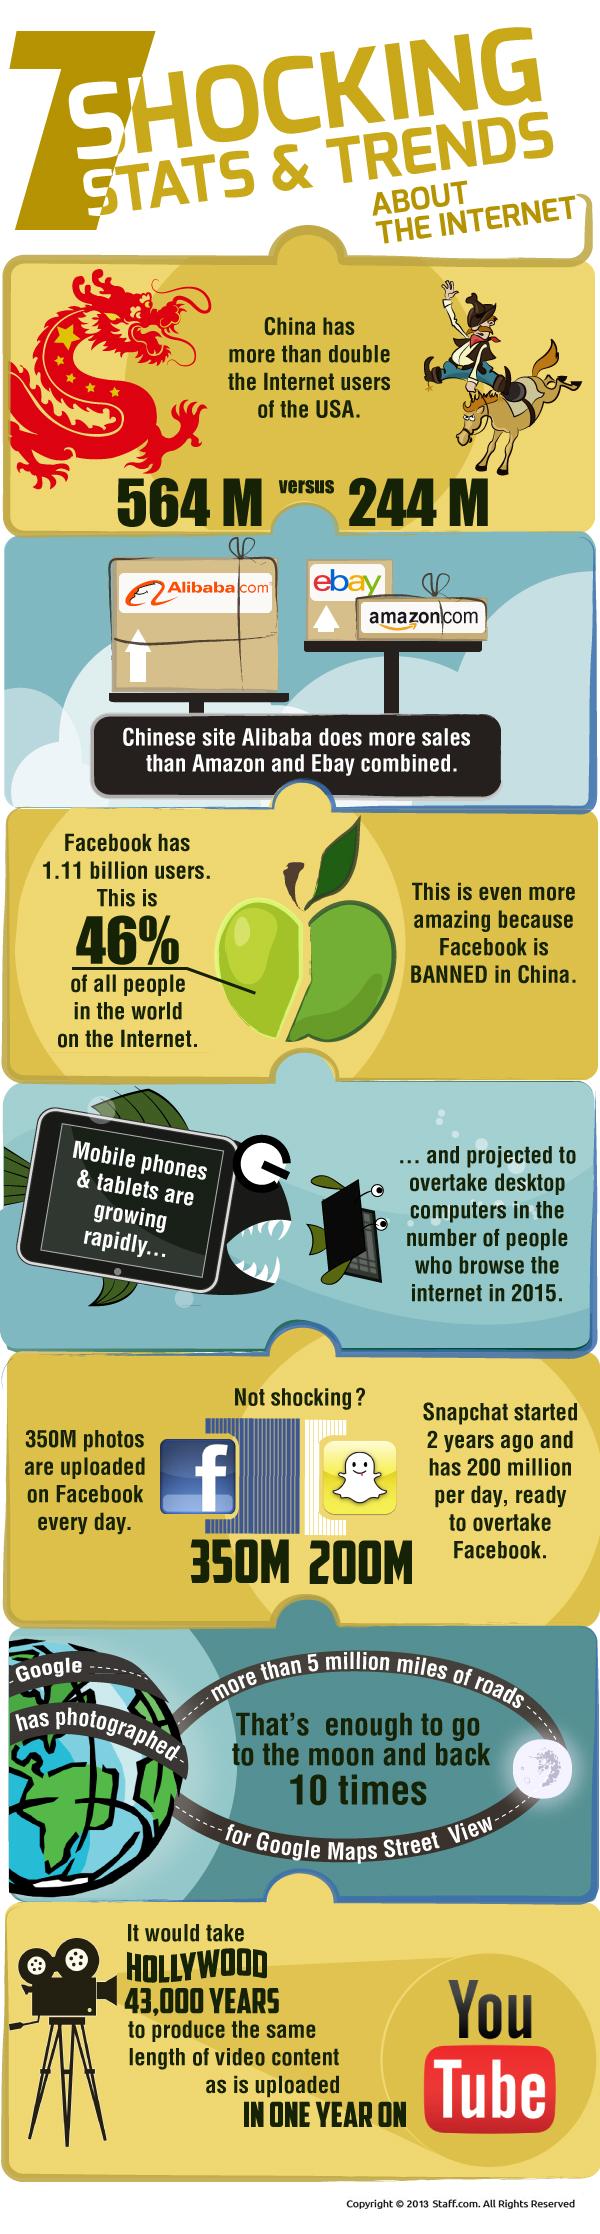 7-shocking-stats